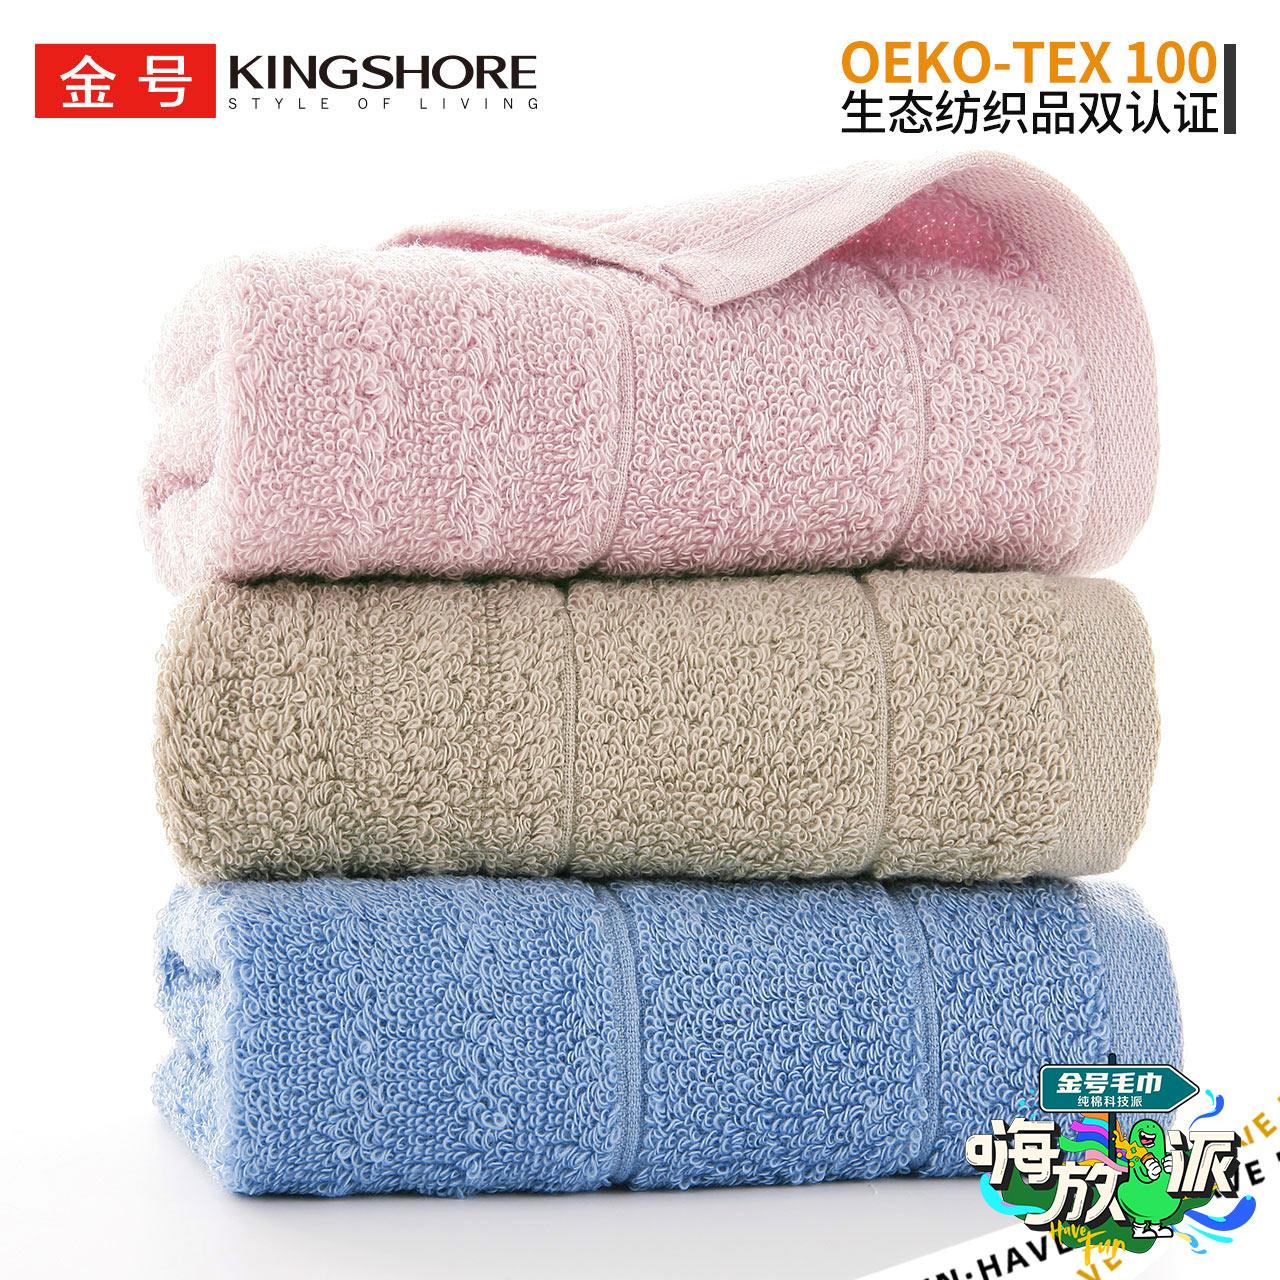 【3条装】金号纯棉毛巾 成人洗脸巾A类家用柔软吸水 素色情侣款